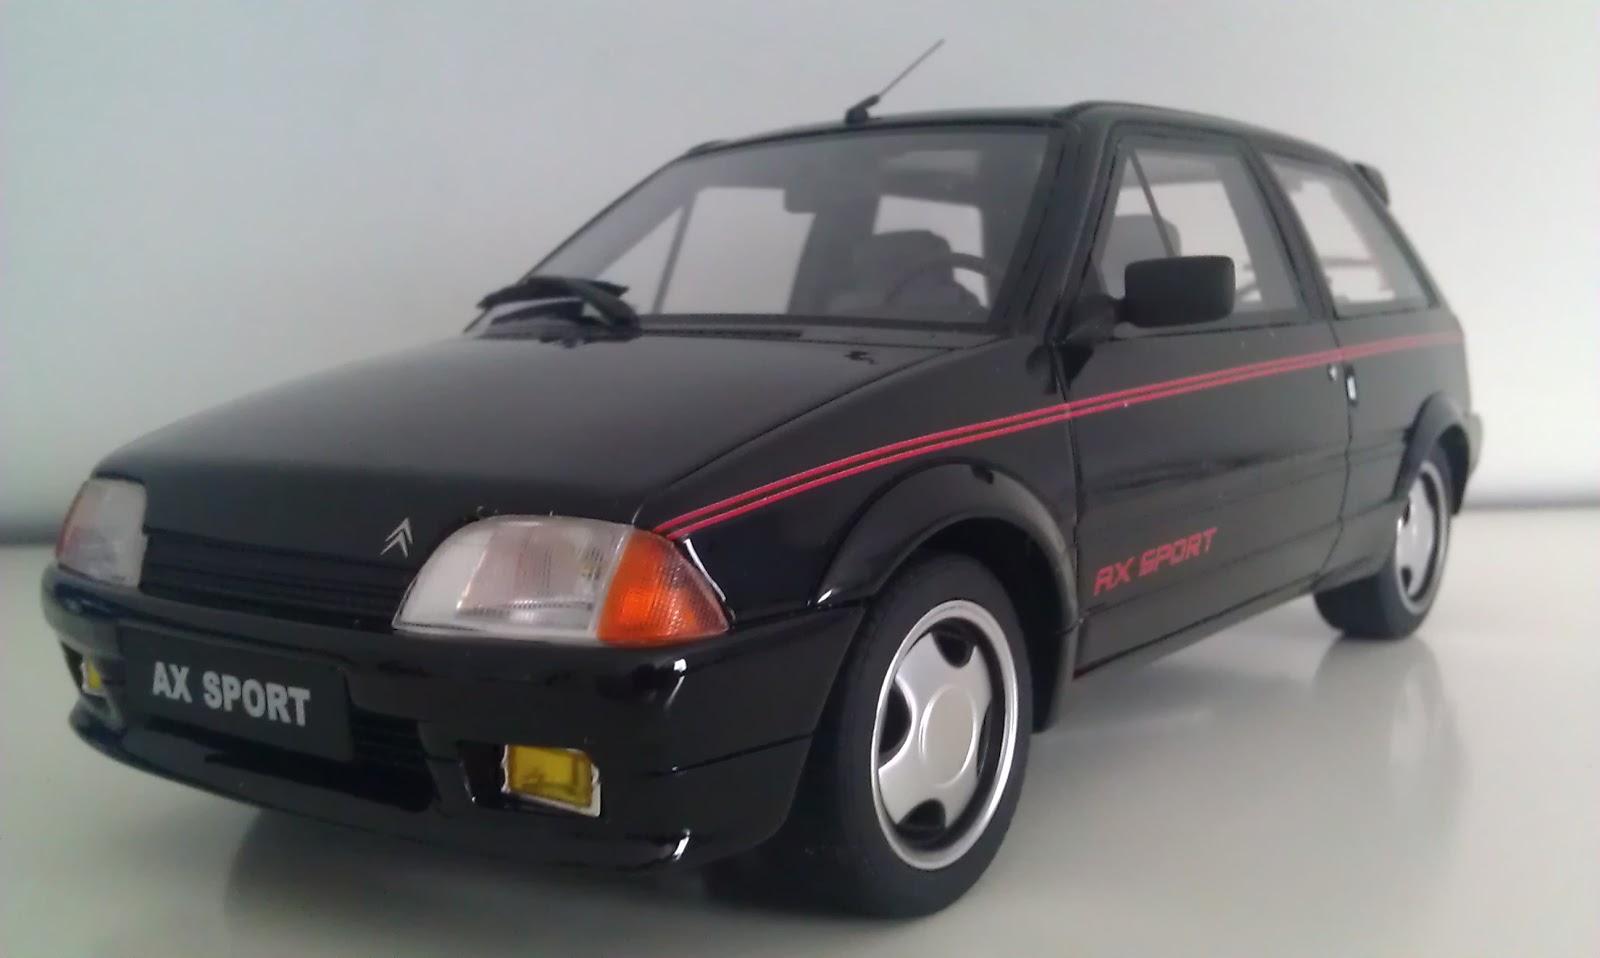 Miniatures Citroën: AX sport Otto models